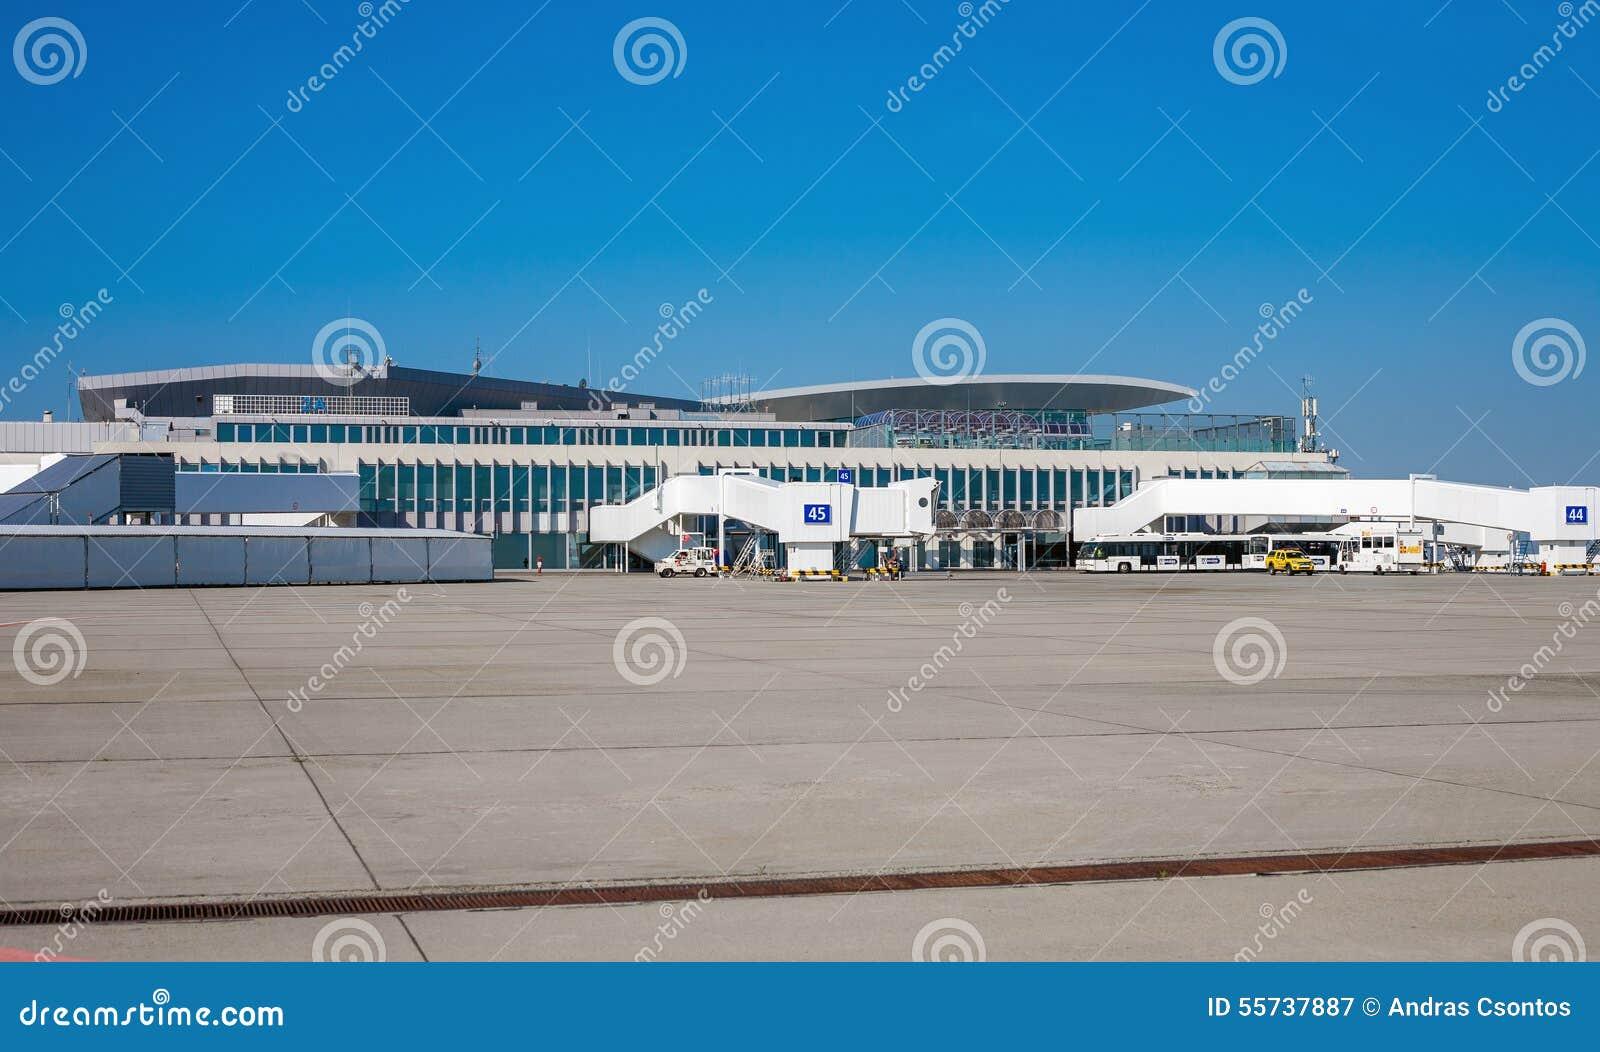 Aeroporto Budapest : Aeroporto di budapest germoglio fotografia editoriale